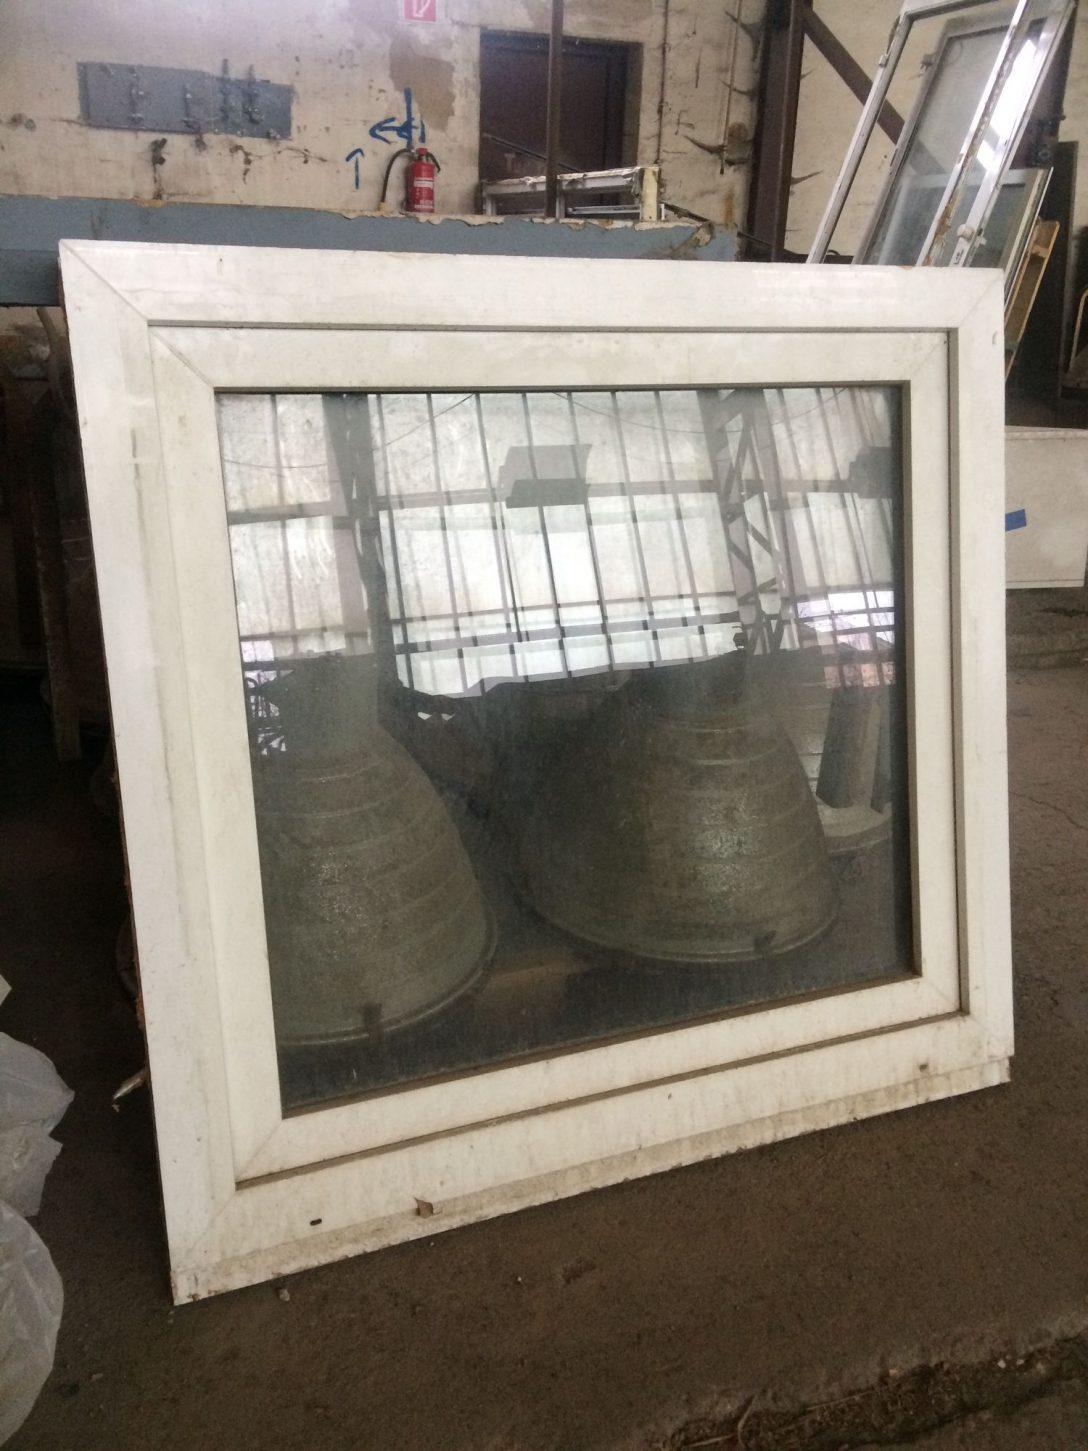 Large Size of Kunststoff Fenster Ca 97x100cm Austauschen Kosten Dachschräge Sonnenschutz Alte Kaufen Günstig Aco Polnische Standardmaße Neue Gitter Einbruchschutz Sichern Fenster Fenster Kunststoff